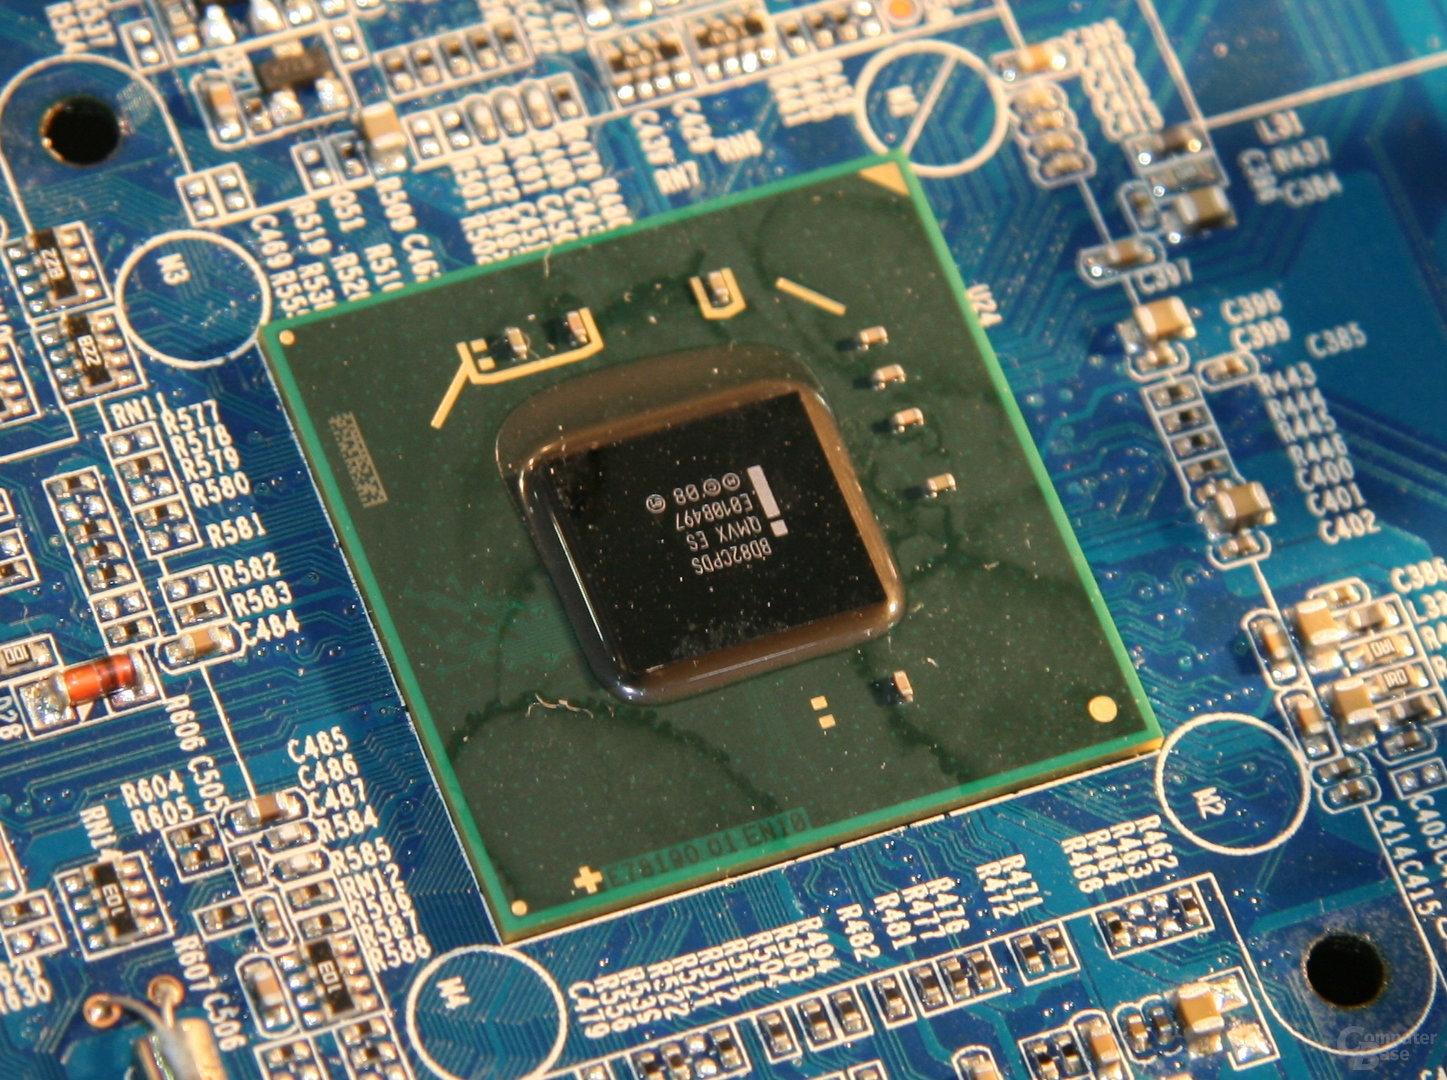 Der neue Chipsatz